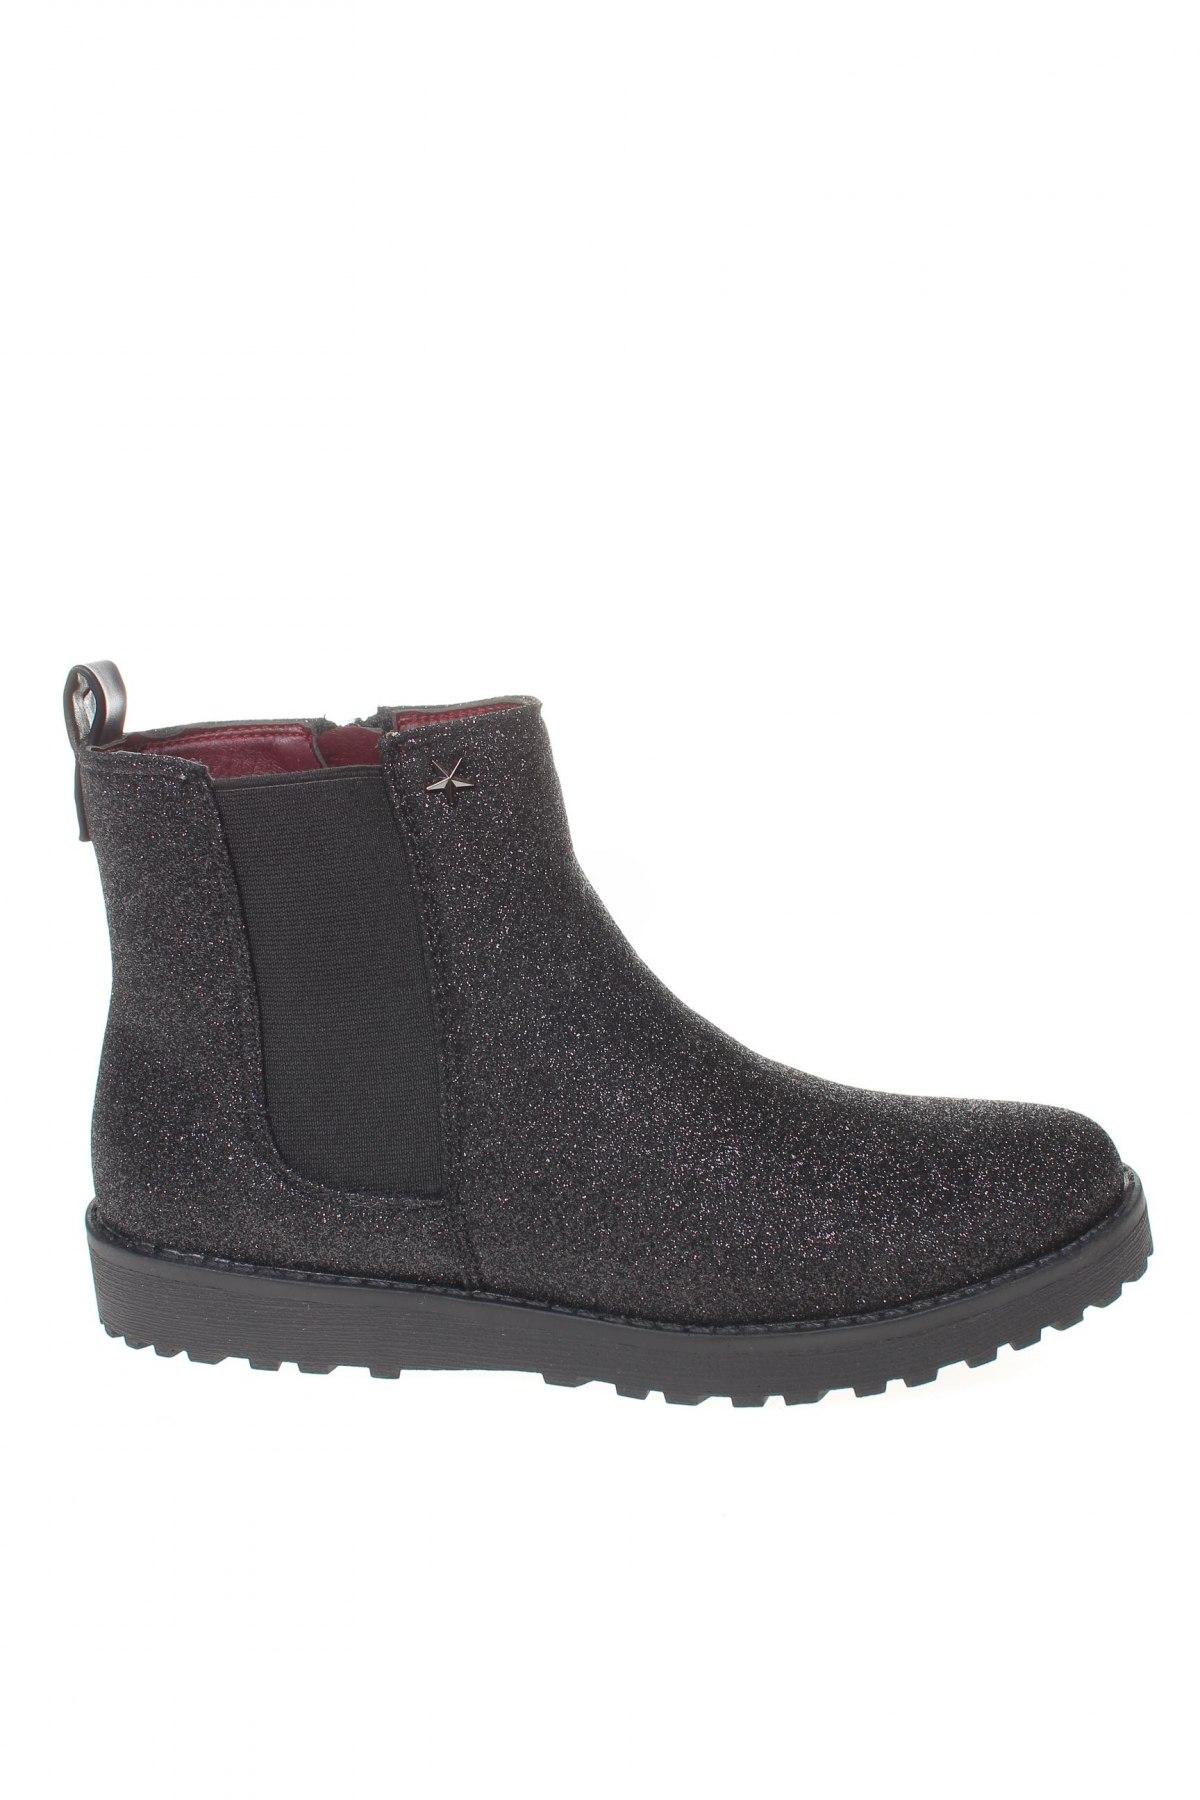 Παιδικά παπούτσια Gioseppo, Μέγεθος 34, Χρώμα Μαύρο, Δερματίνη, Τιμή 12,85€